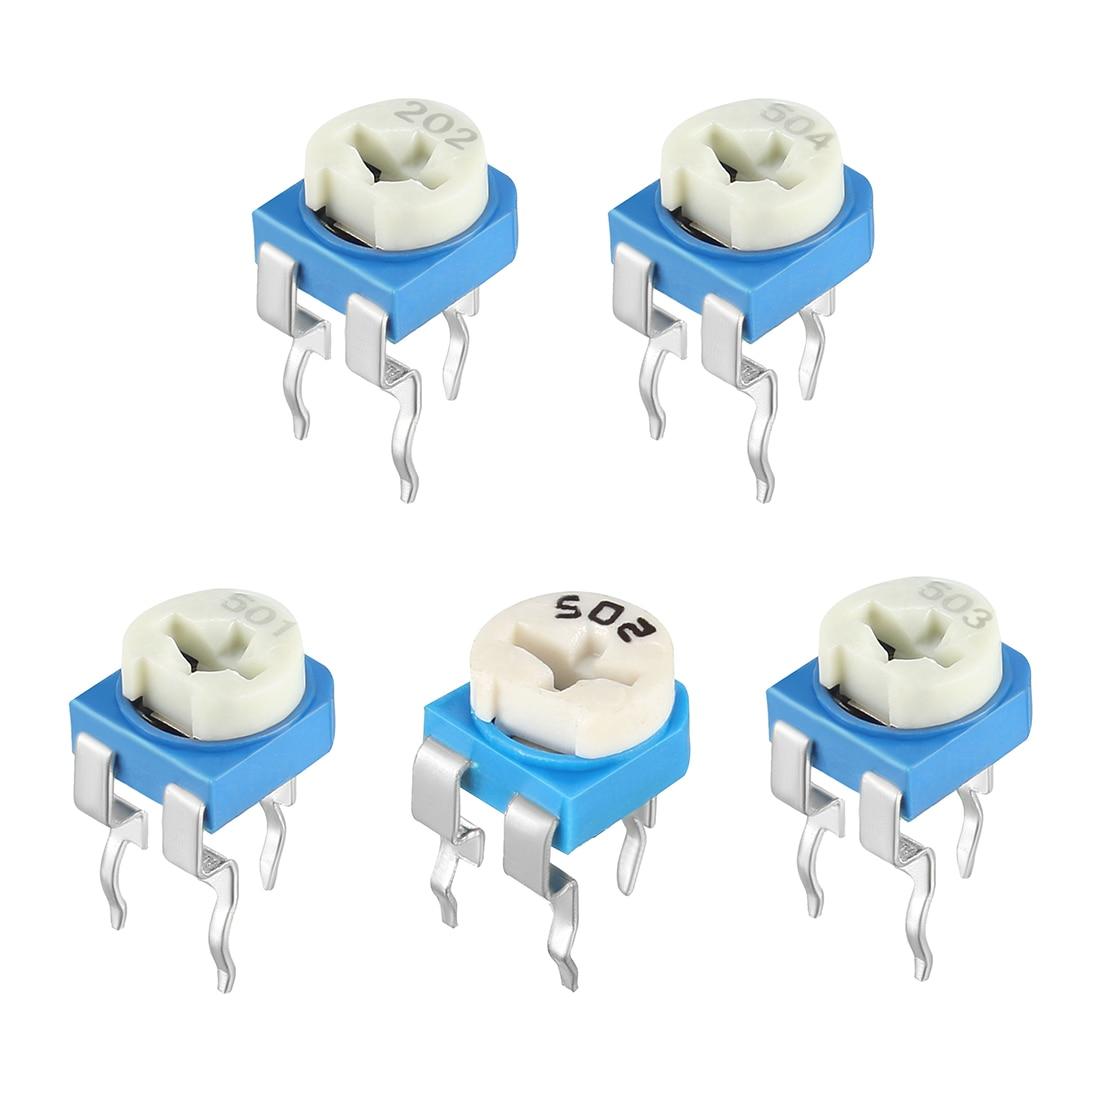 Uxcell 20 pcs resistores variáveis superior ajustável horizontal cermet potenciômetro 2 k 5 k 50 k 500 k ohm cermet e filme de carbono